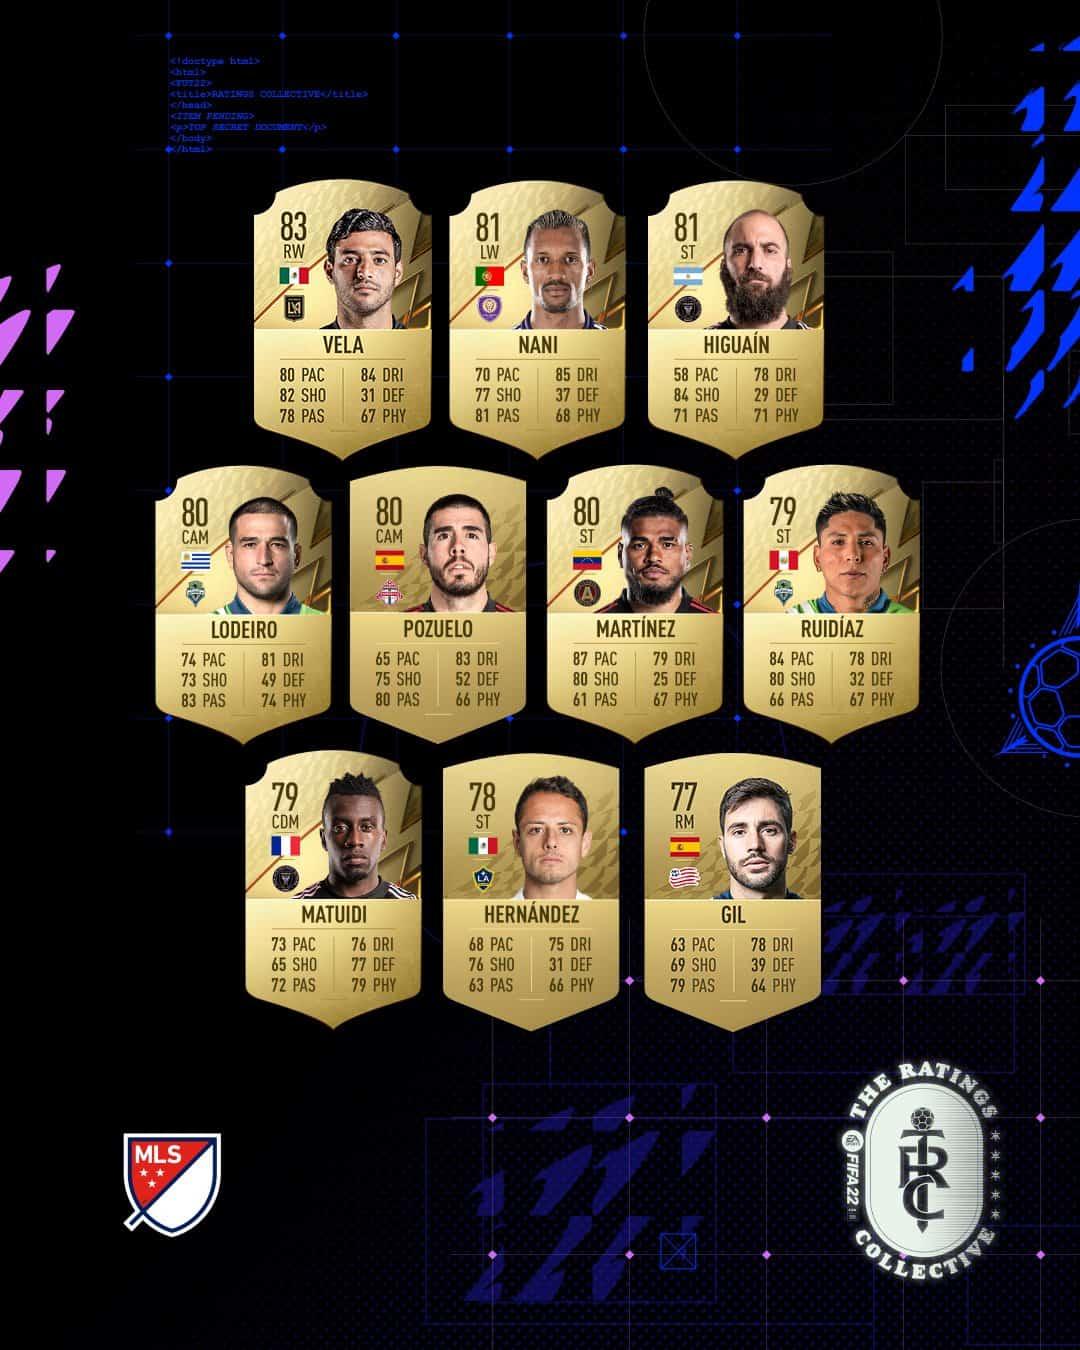 Los mejores futbolistas de la MLS en el FIFA 22.